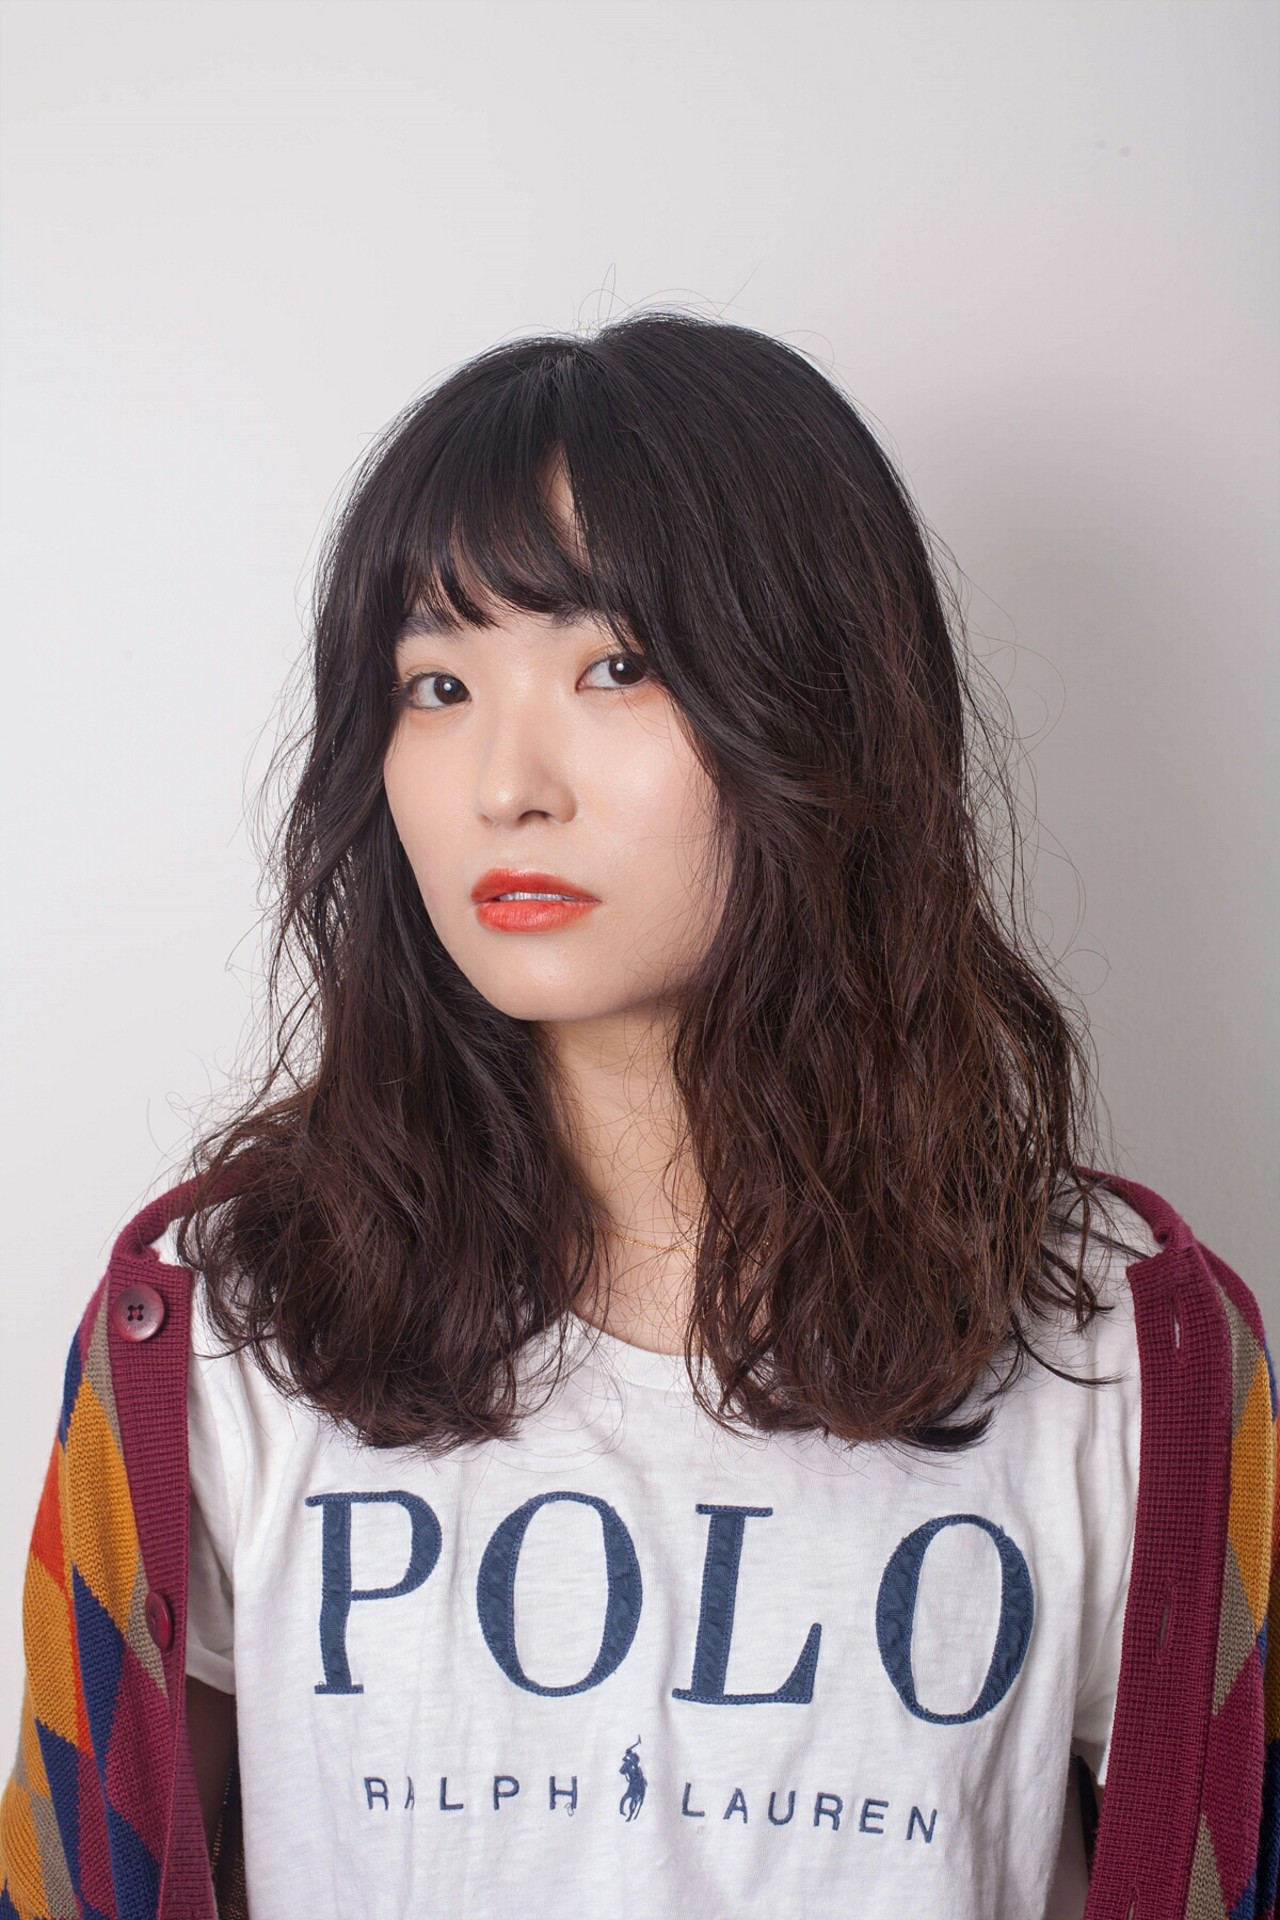 ガーリーなぱっつん&パーマ 韓国のゴヨンジュ  TANPOPO HAIR in 韓国